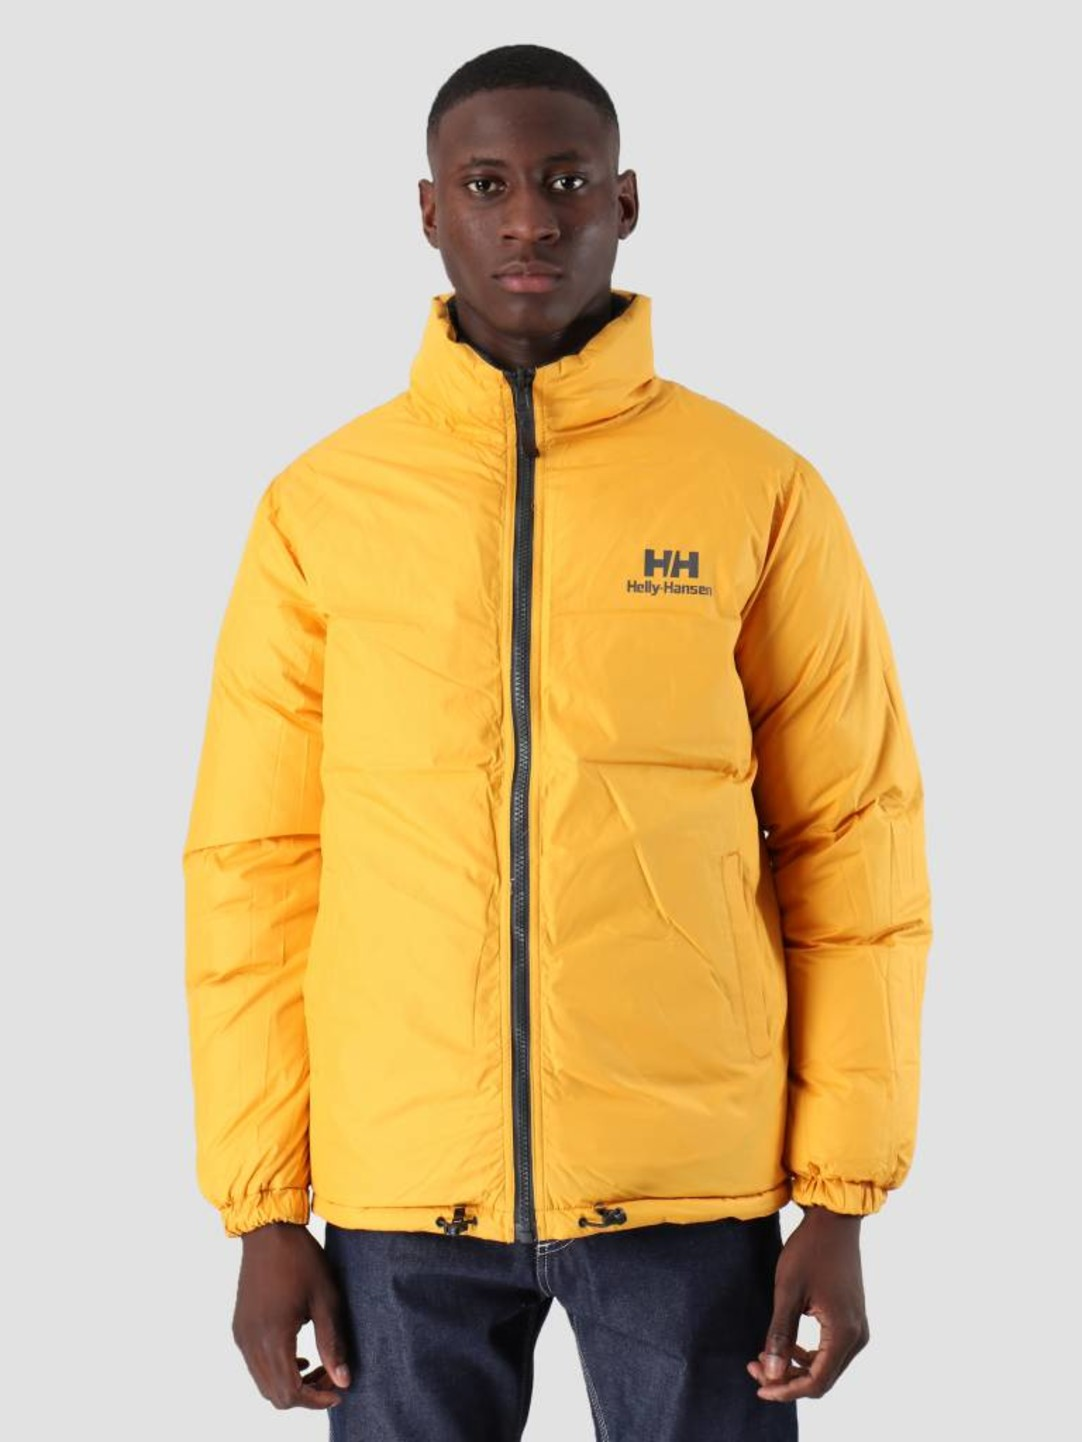 Helly Hansen Helly Hansen HH Reversible Down Jacket Ebony 53182-980